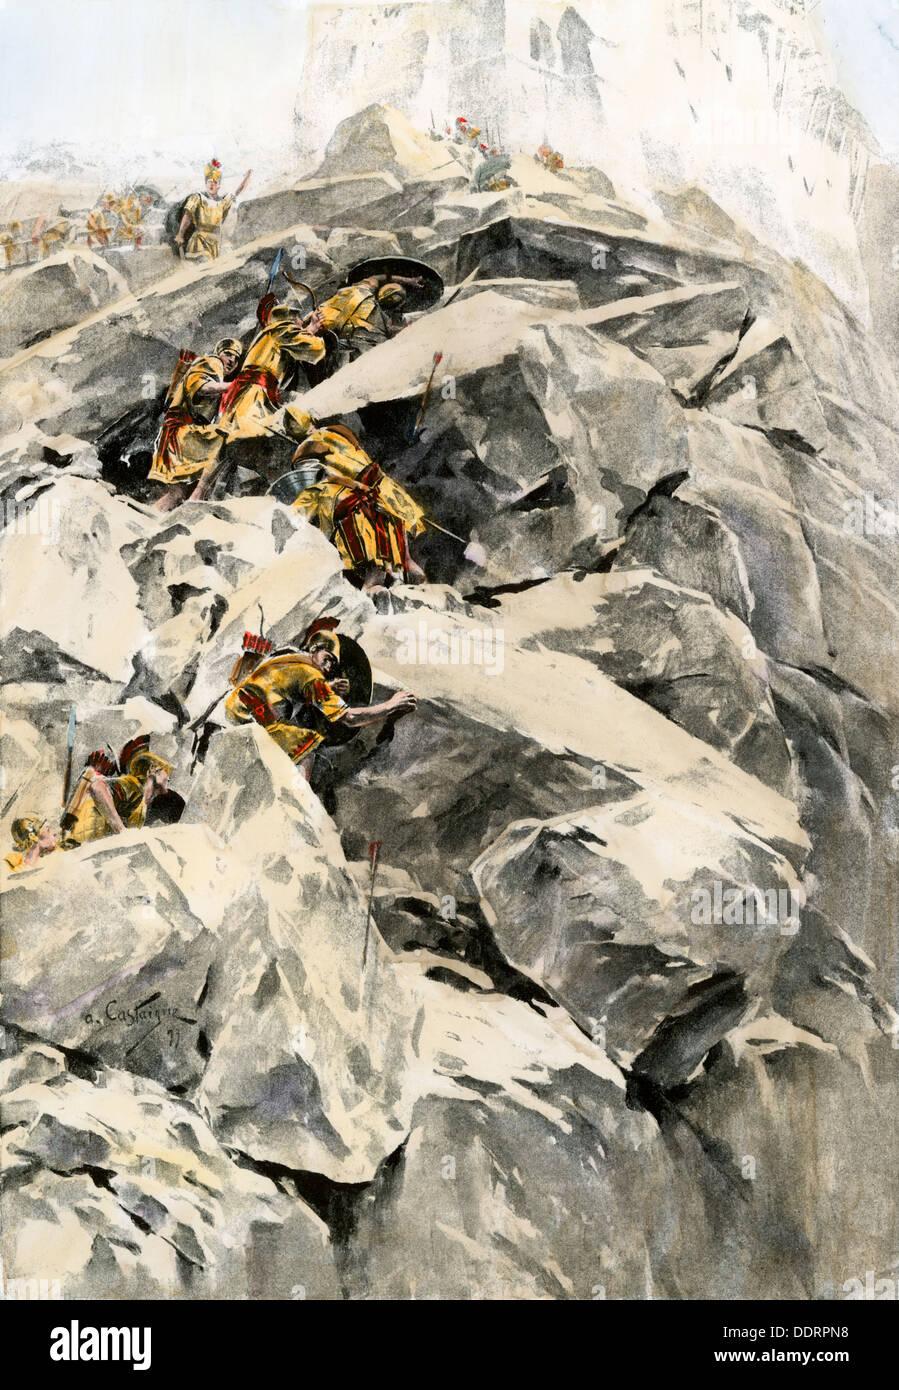 El ejército de Alejandro Magno atacando la fortaleza de Porus sobre un afluente del Indo, 326 BC. Mano de color halftone de ilustración. Imagen De Stock